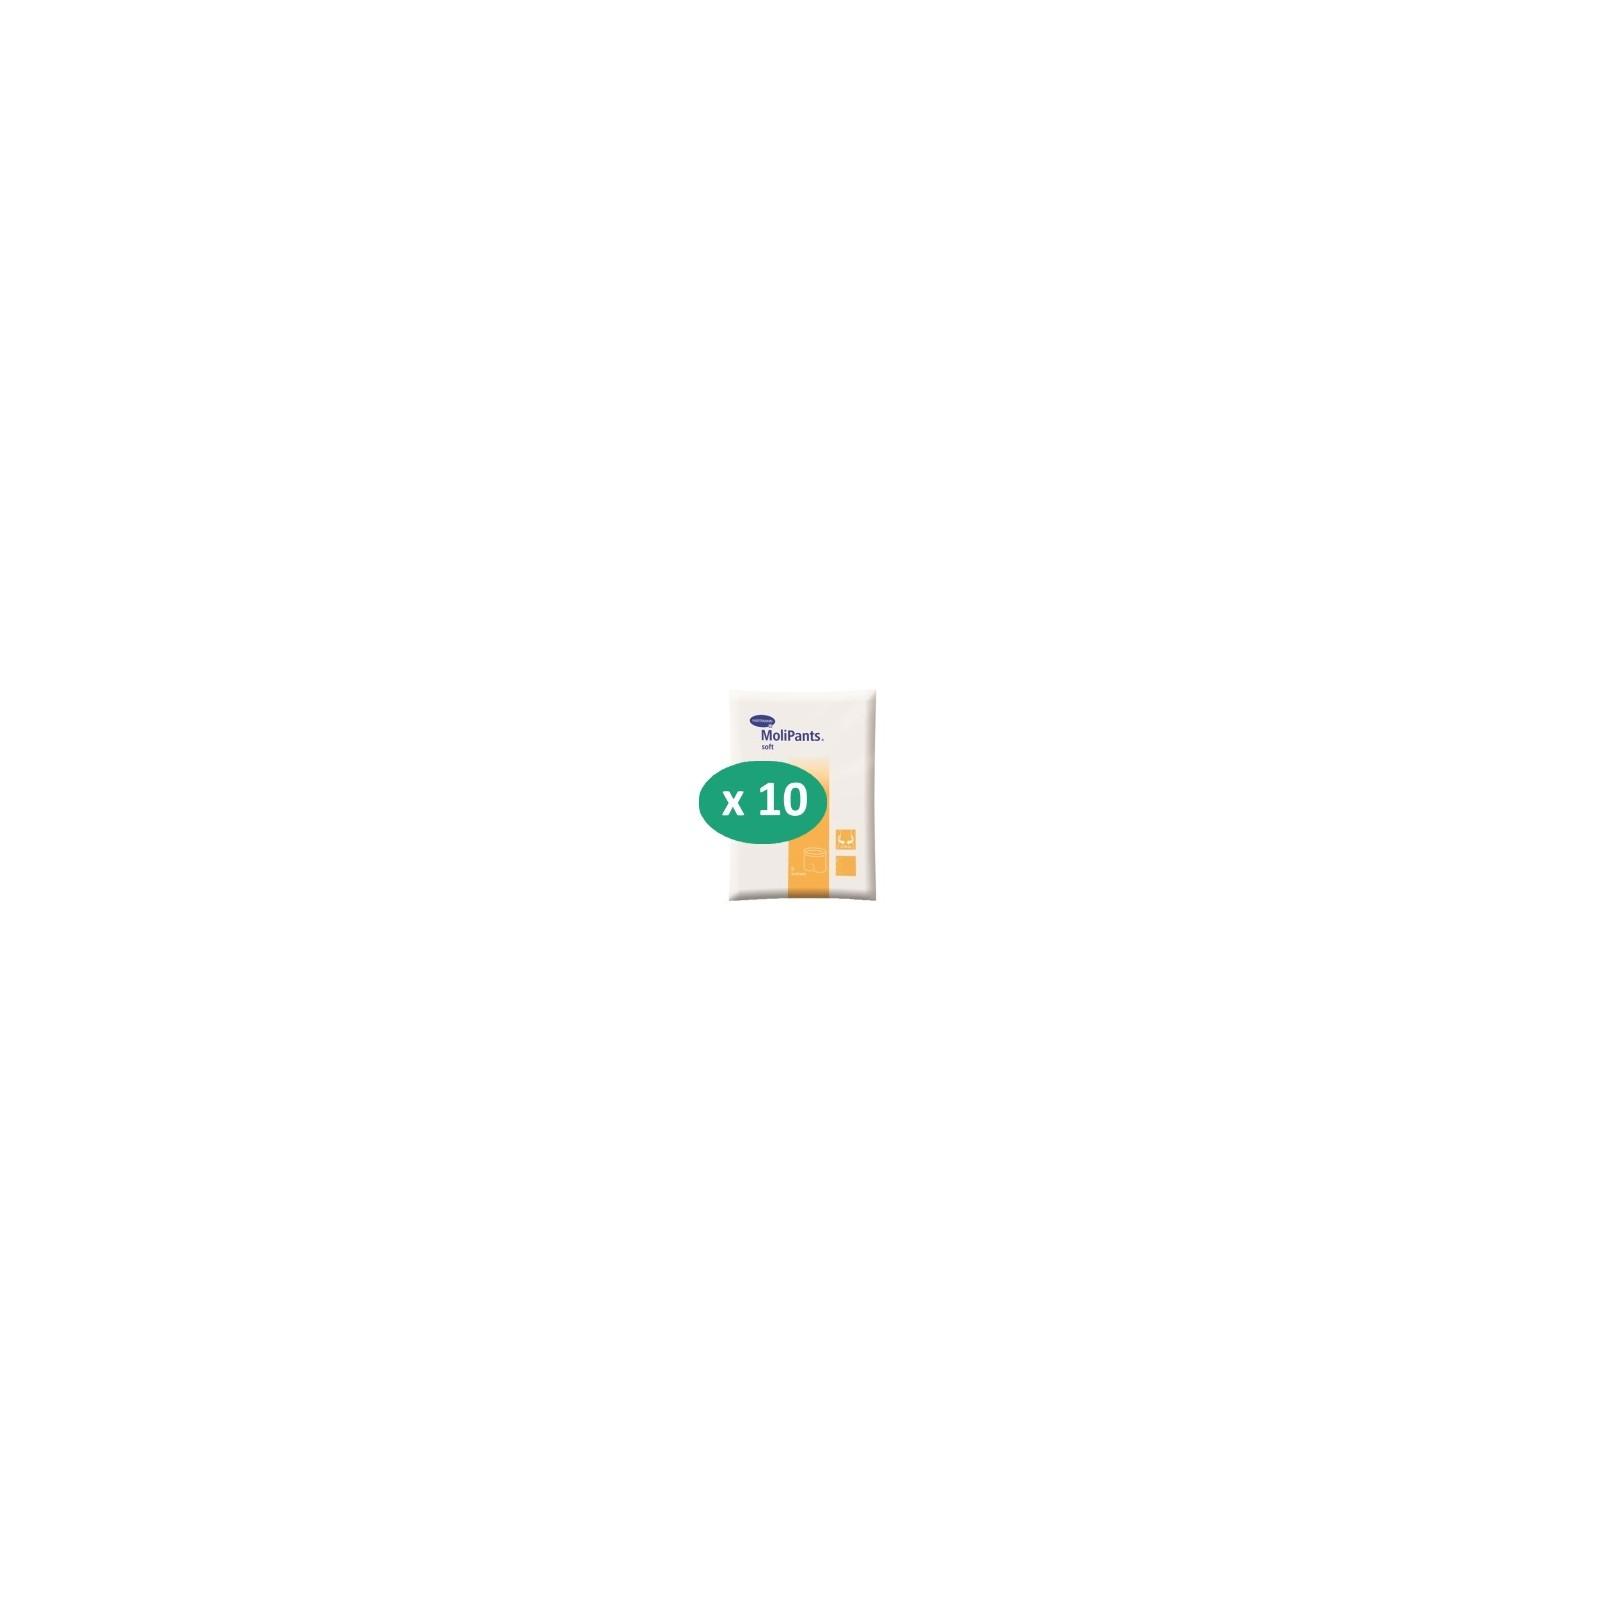 10 paquets de Hartmann MoliPants Soft| SenUp.com